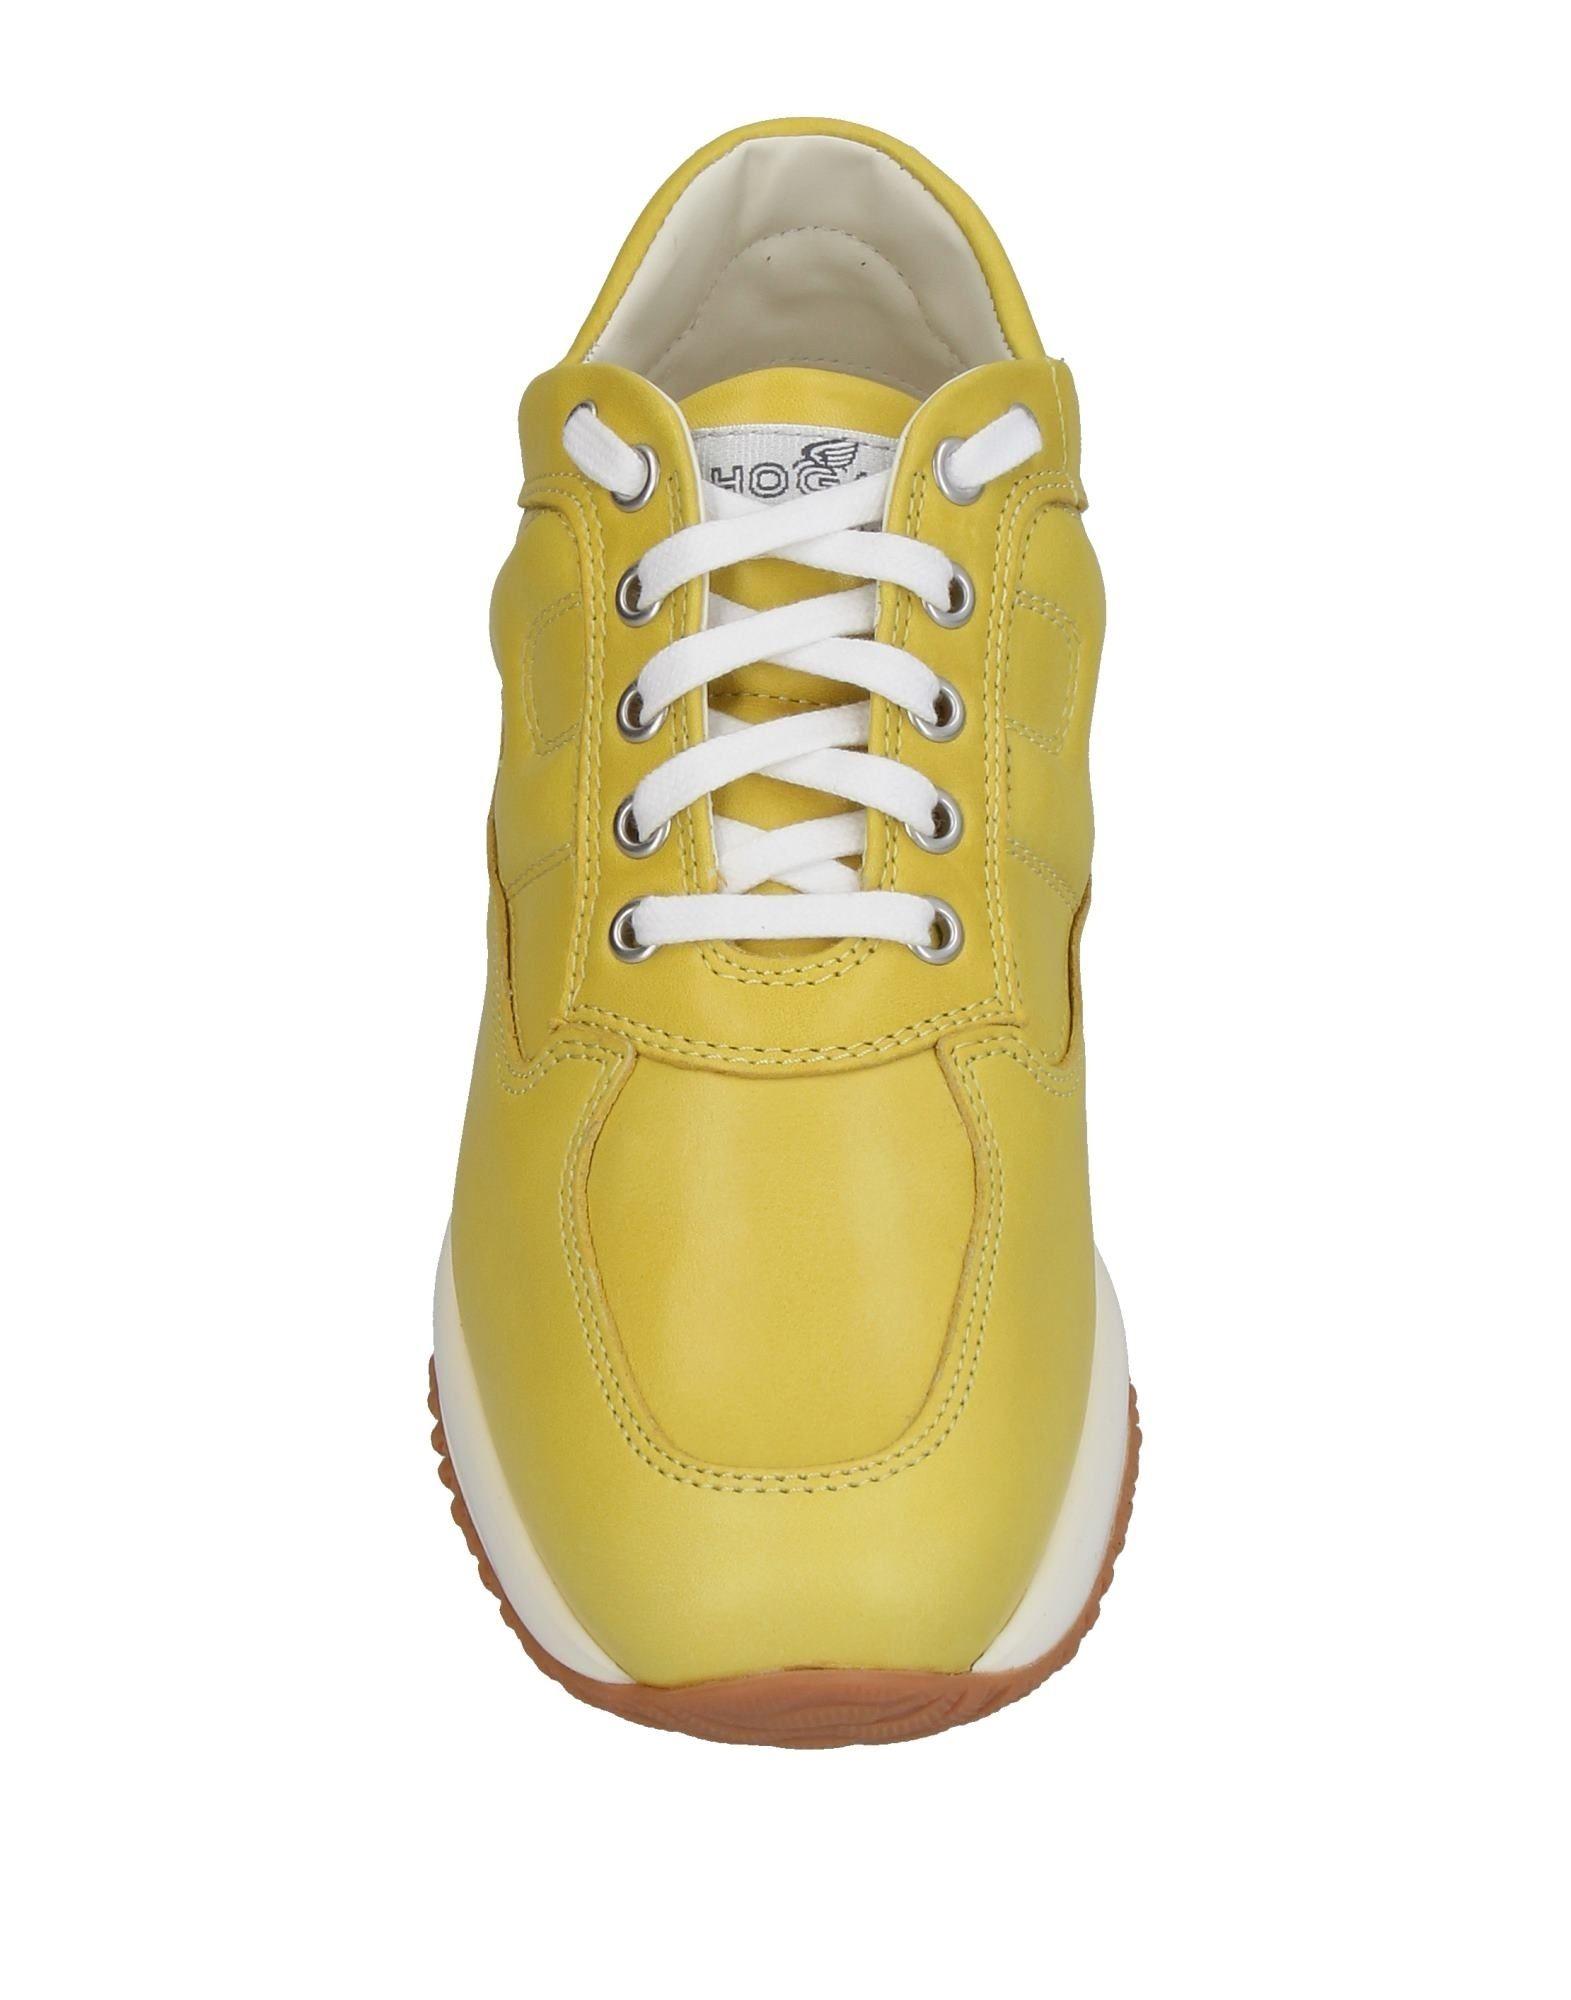 Rabatt Schuhe Hogan Damen Sneakers Damen Hogan  11412758AG 89ab51